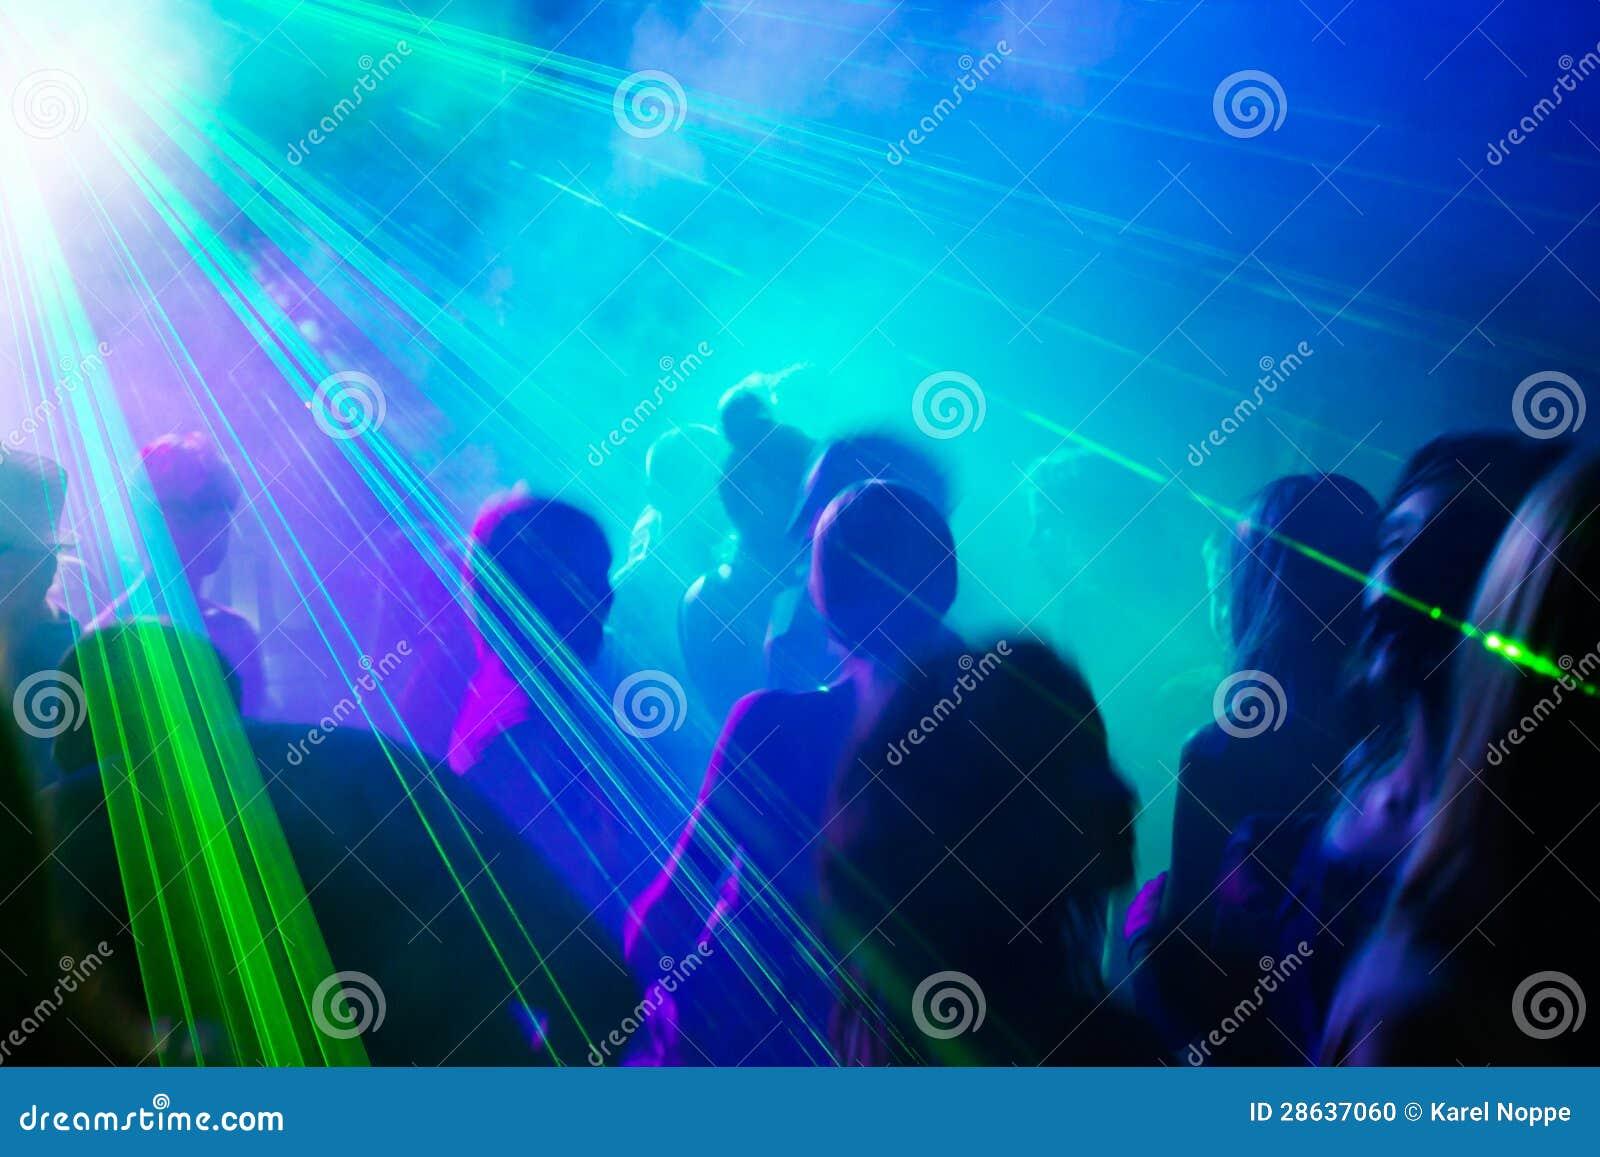 Люди партии танцуя под лазерным лучом.